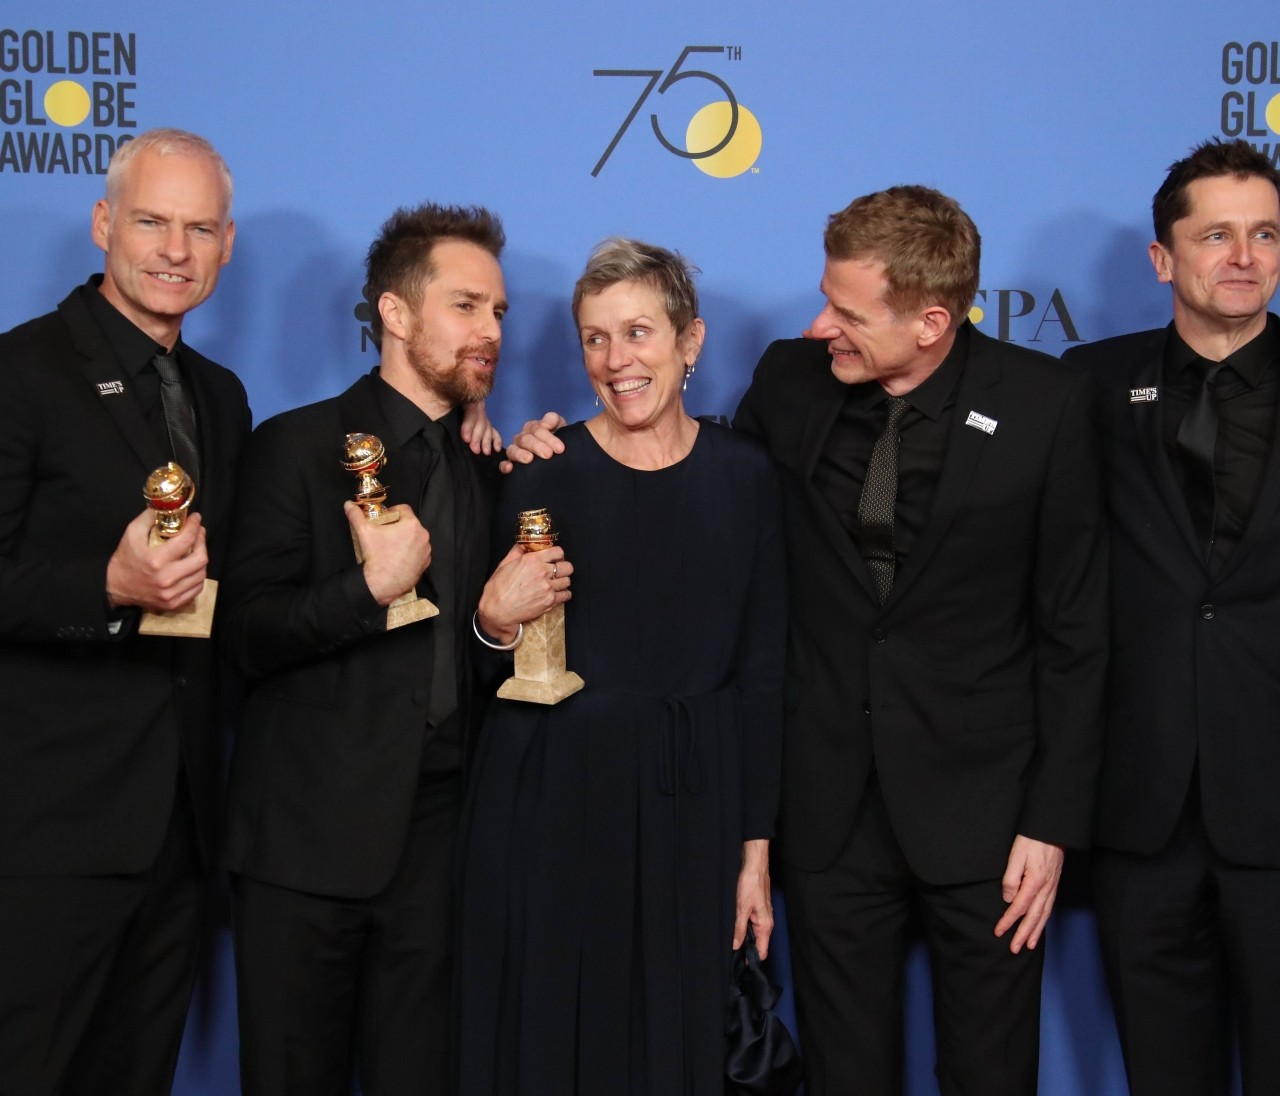 ゴールデングローブ賞で最多受賞★『スリー・ビルボード』を絶対観るべき理由